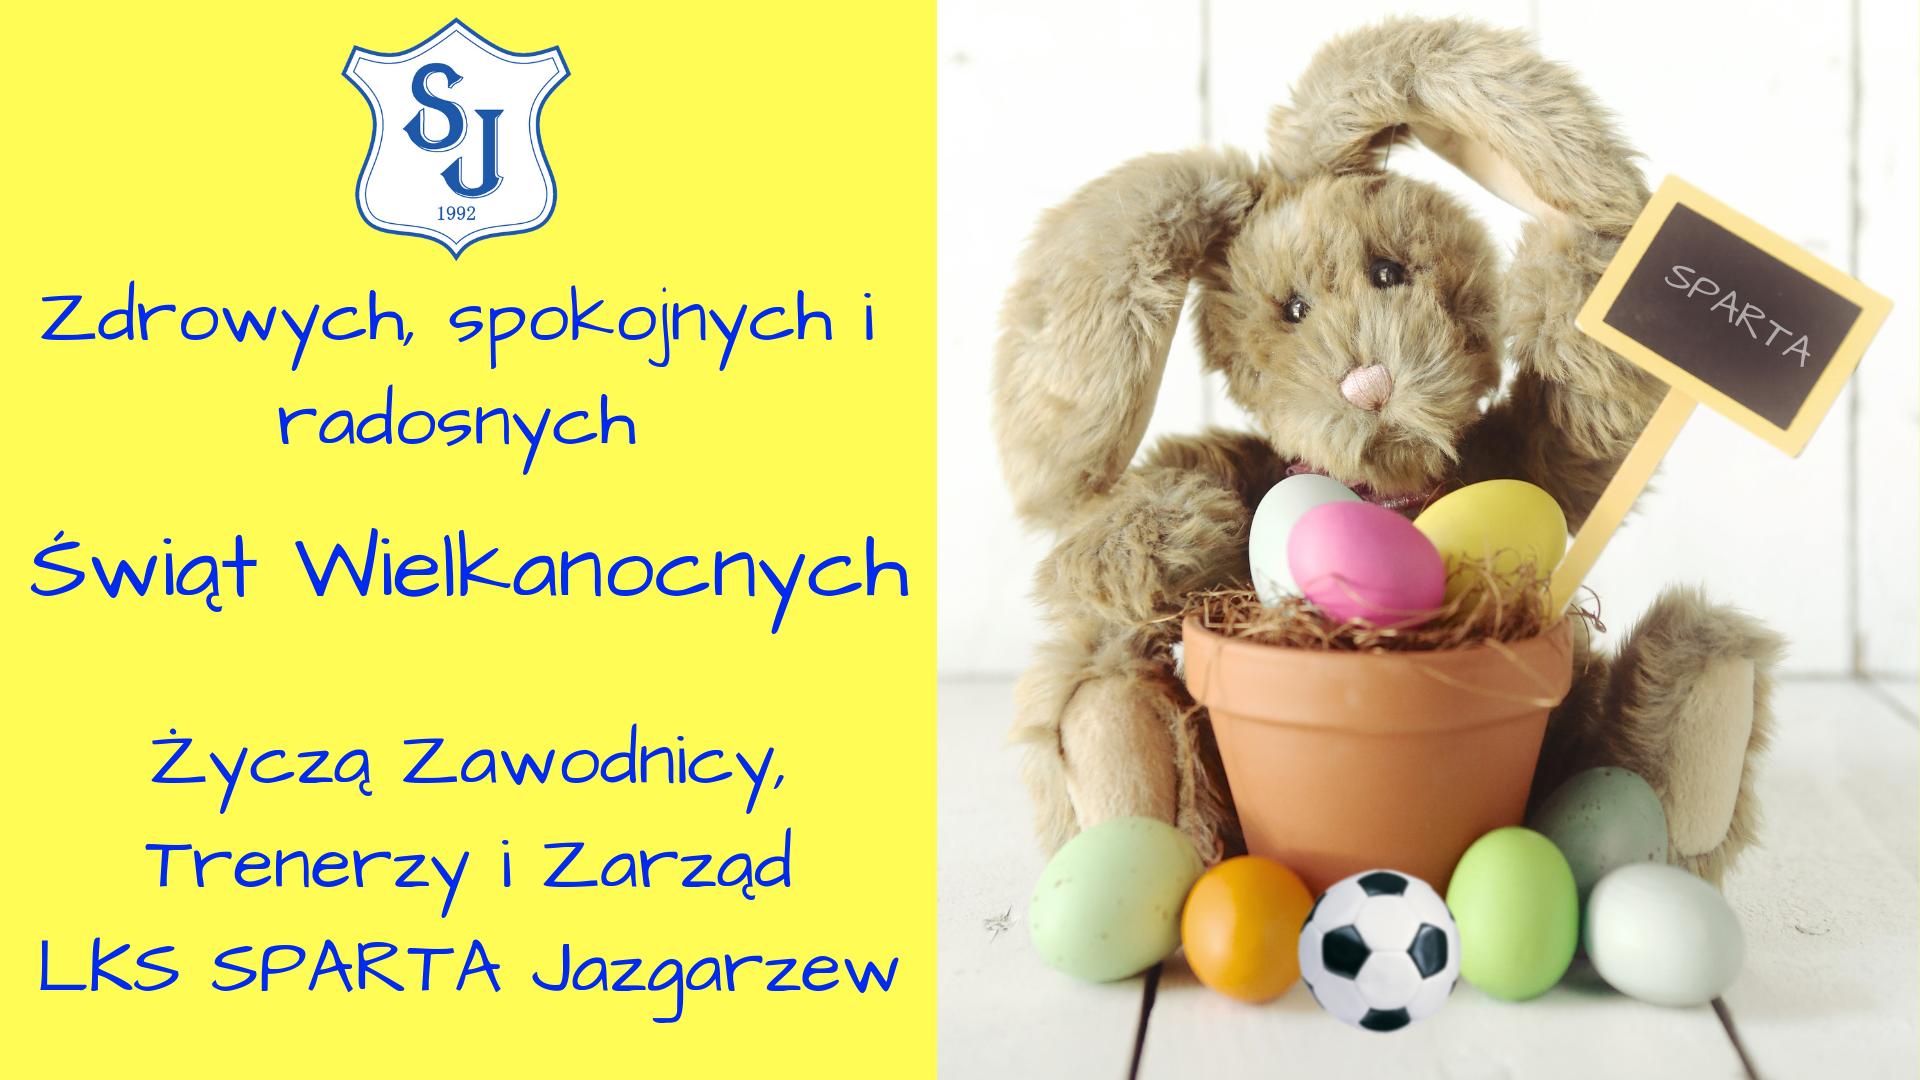 Zdrowych, radosnych i pogodnych Świąt Wielkanocnych.